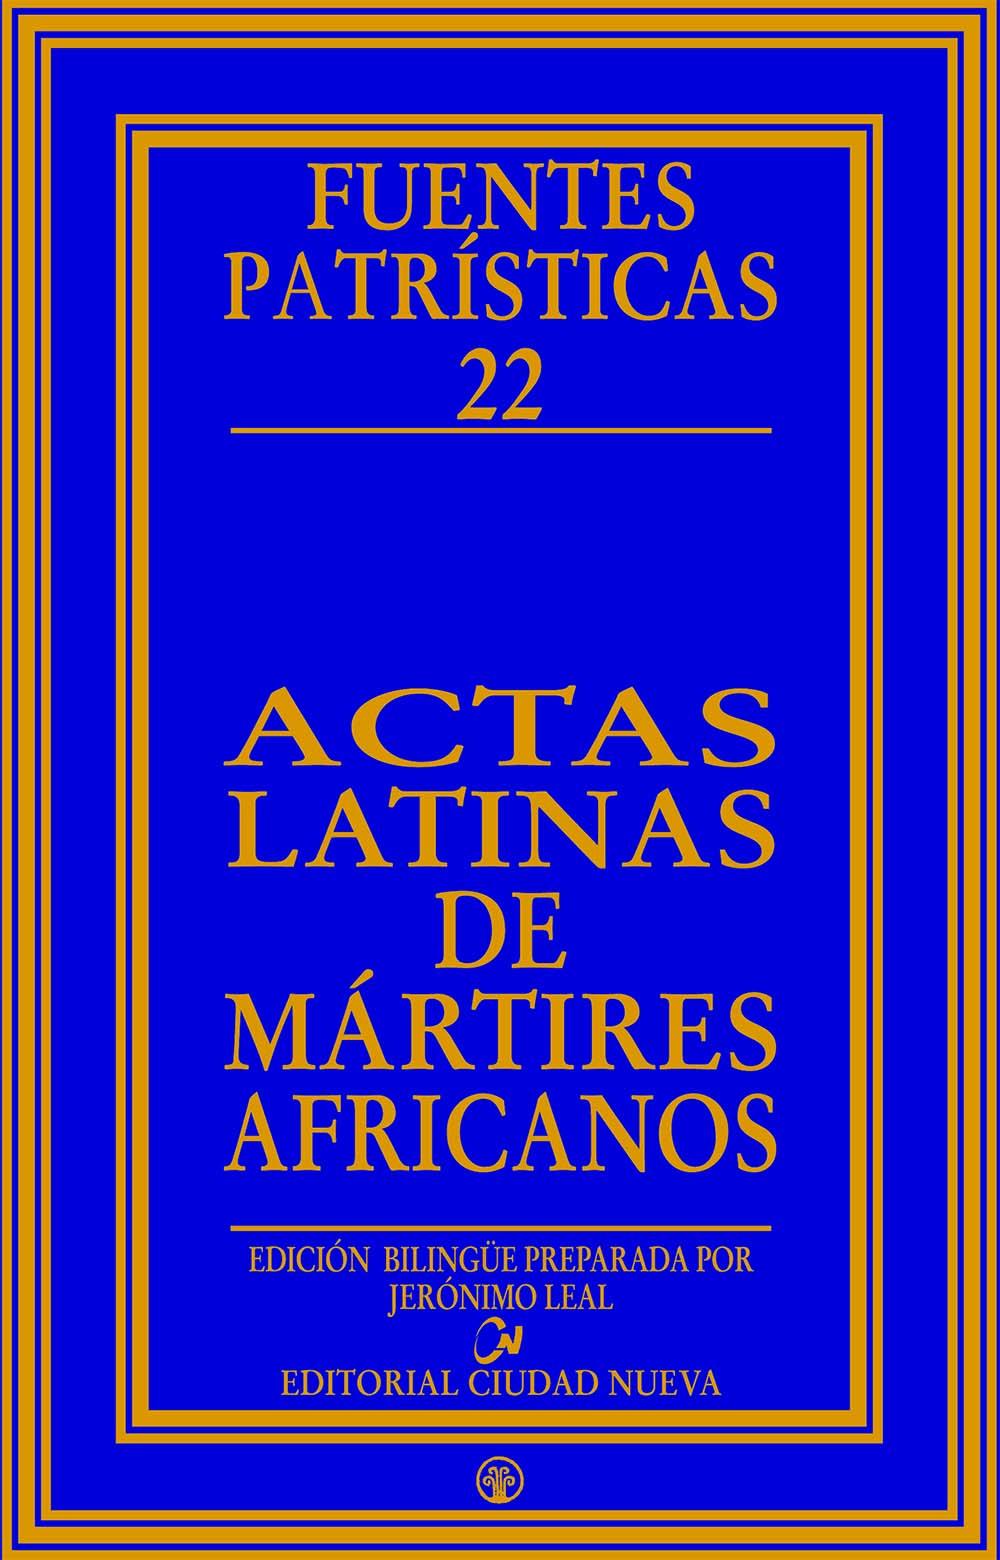 actas-latinas-de-martires-africanos